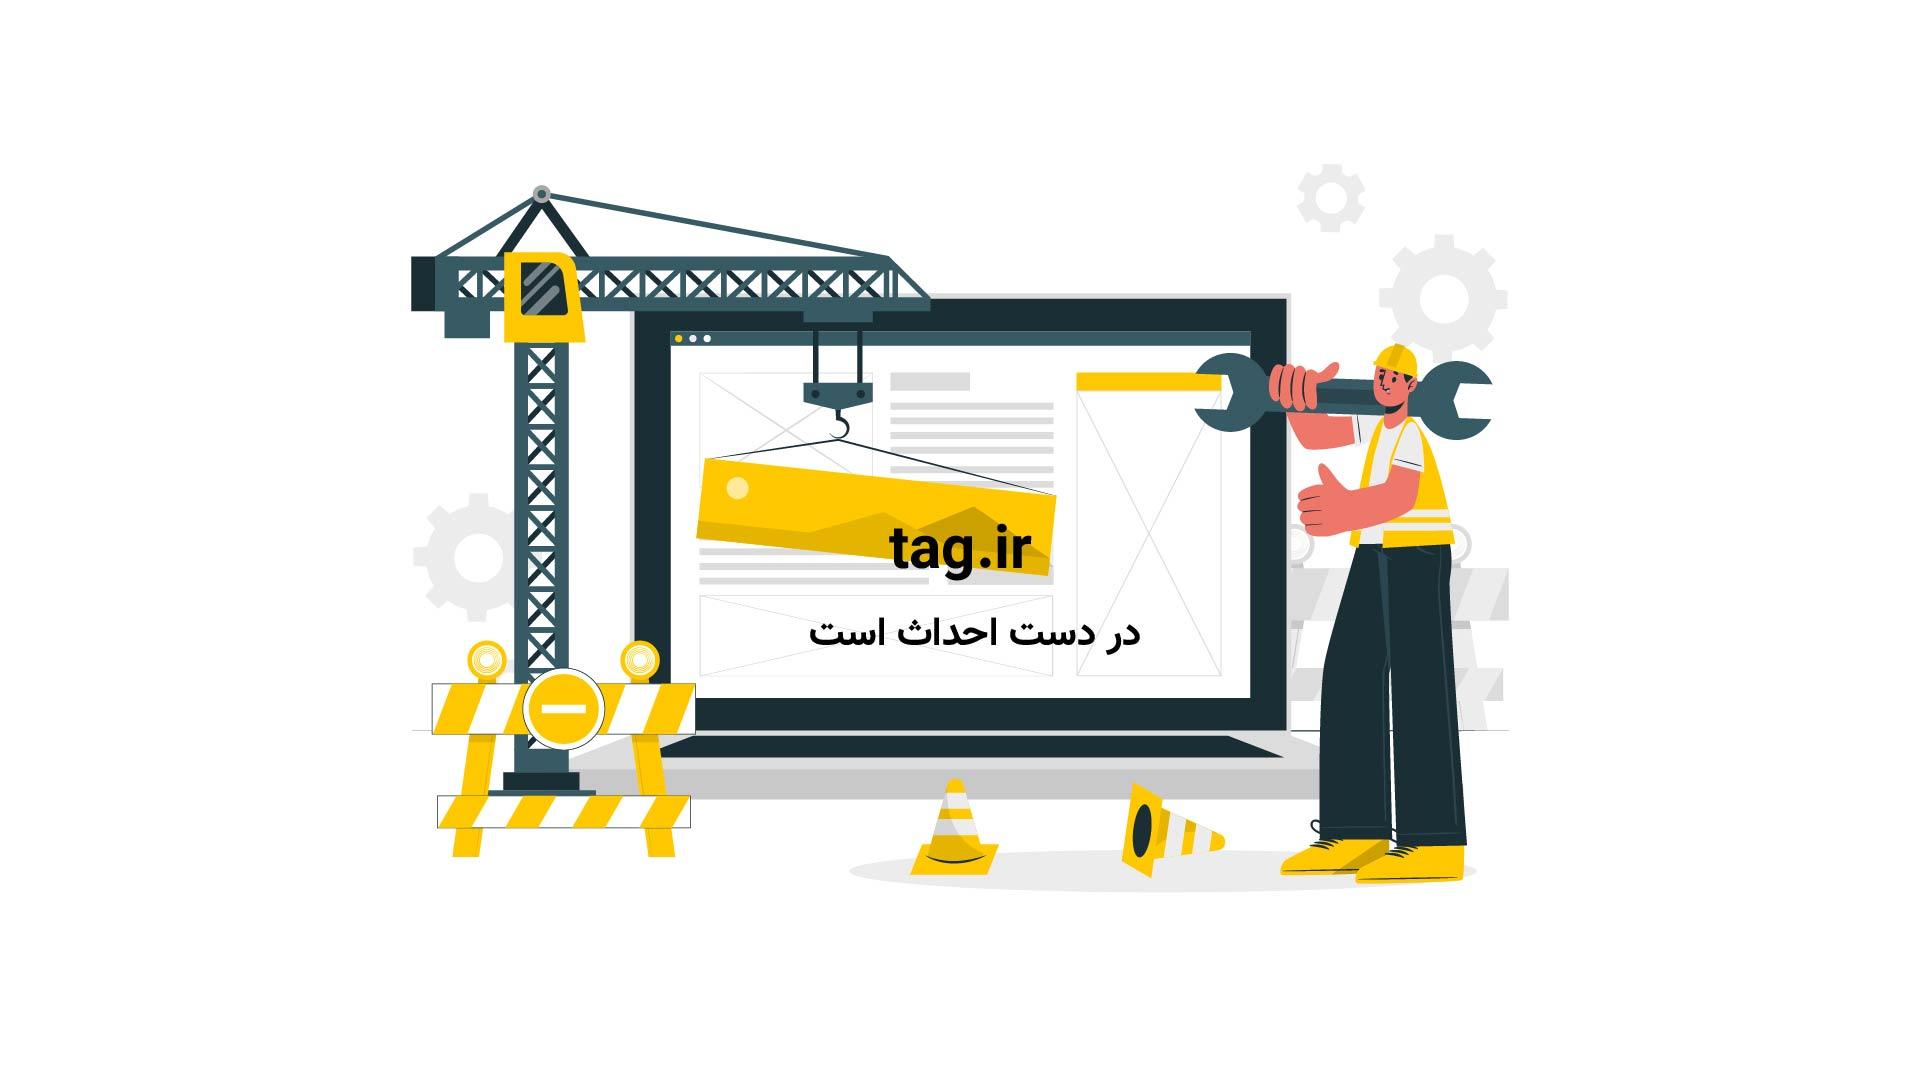 گزیده ای از روز اول مسابقات جهانی کاراته در بخش کاتا | فیلم